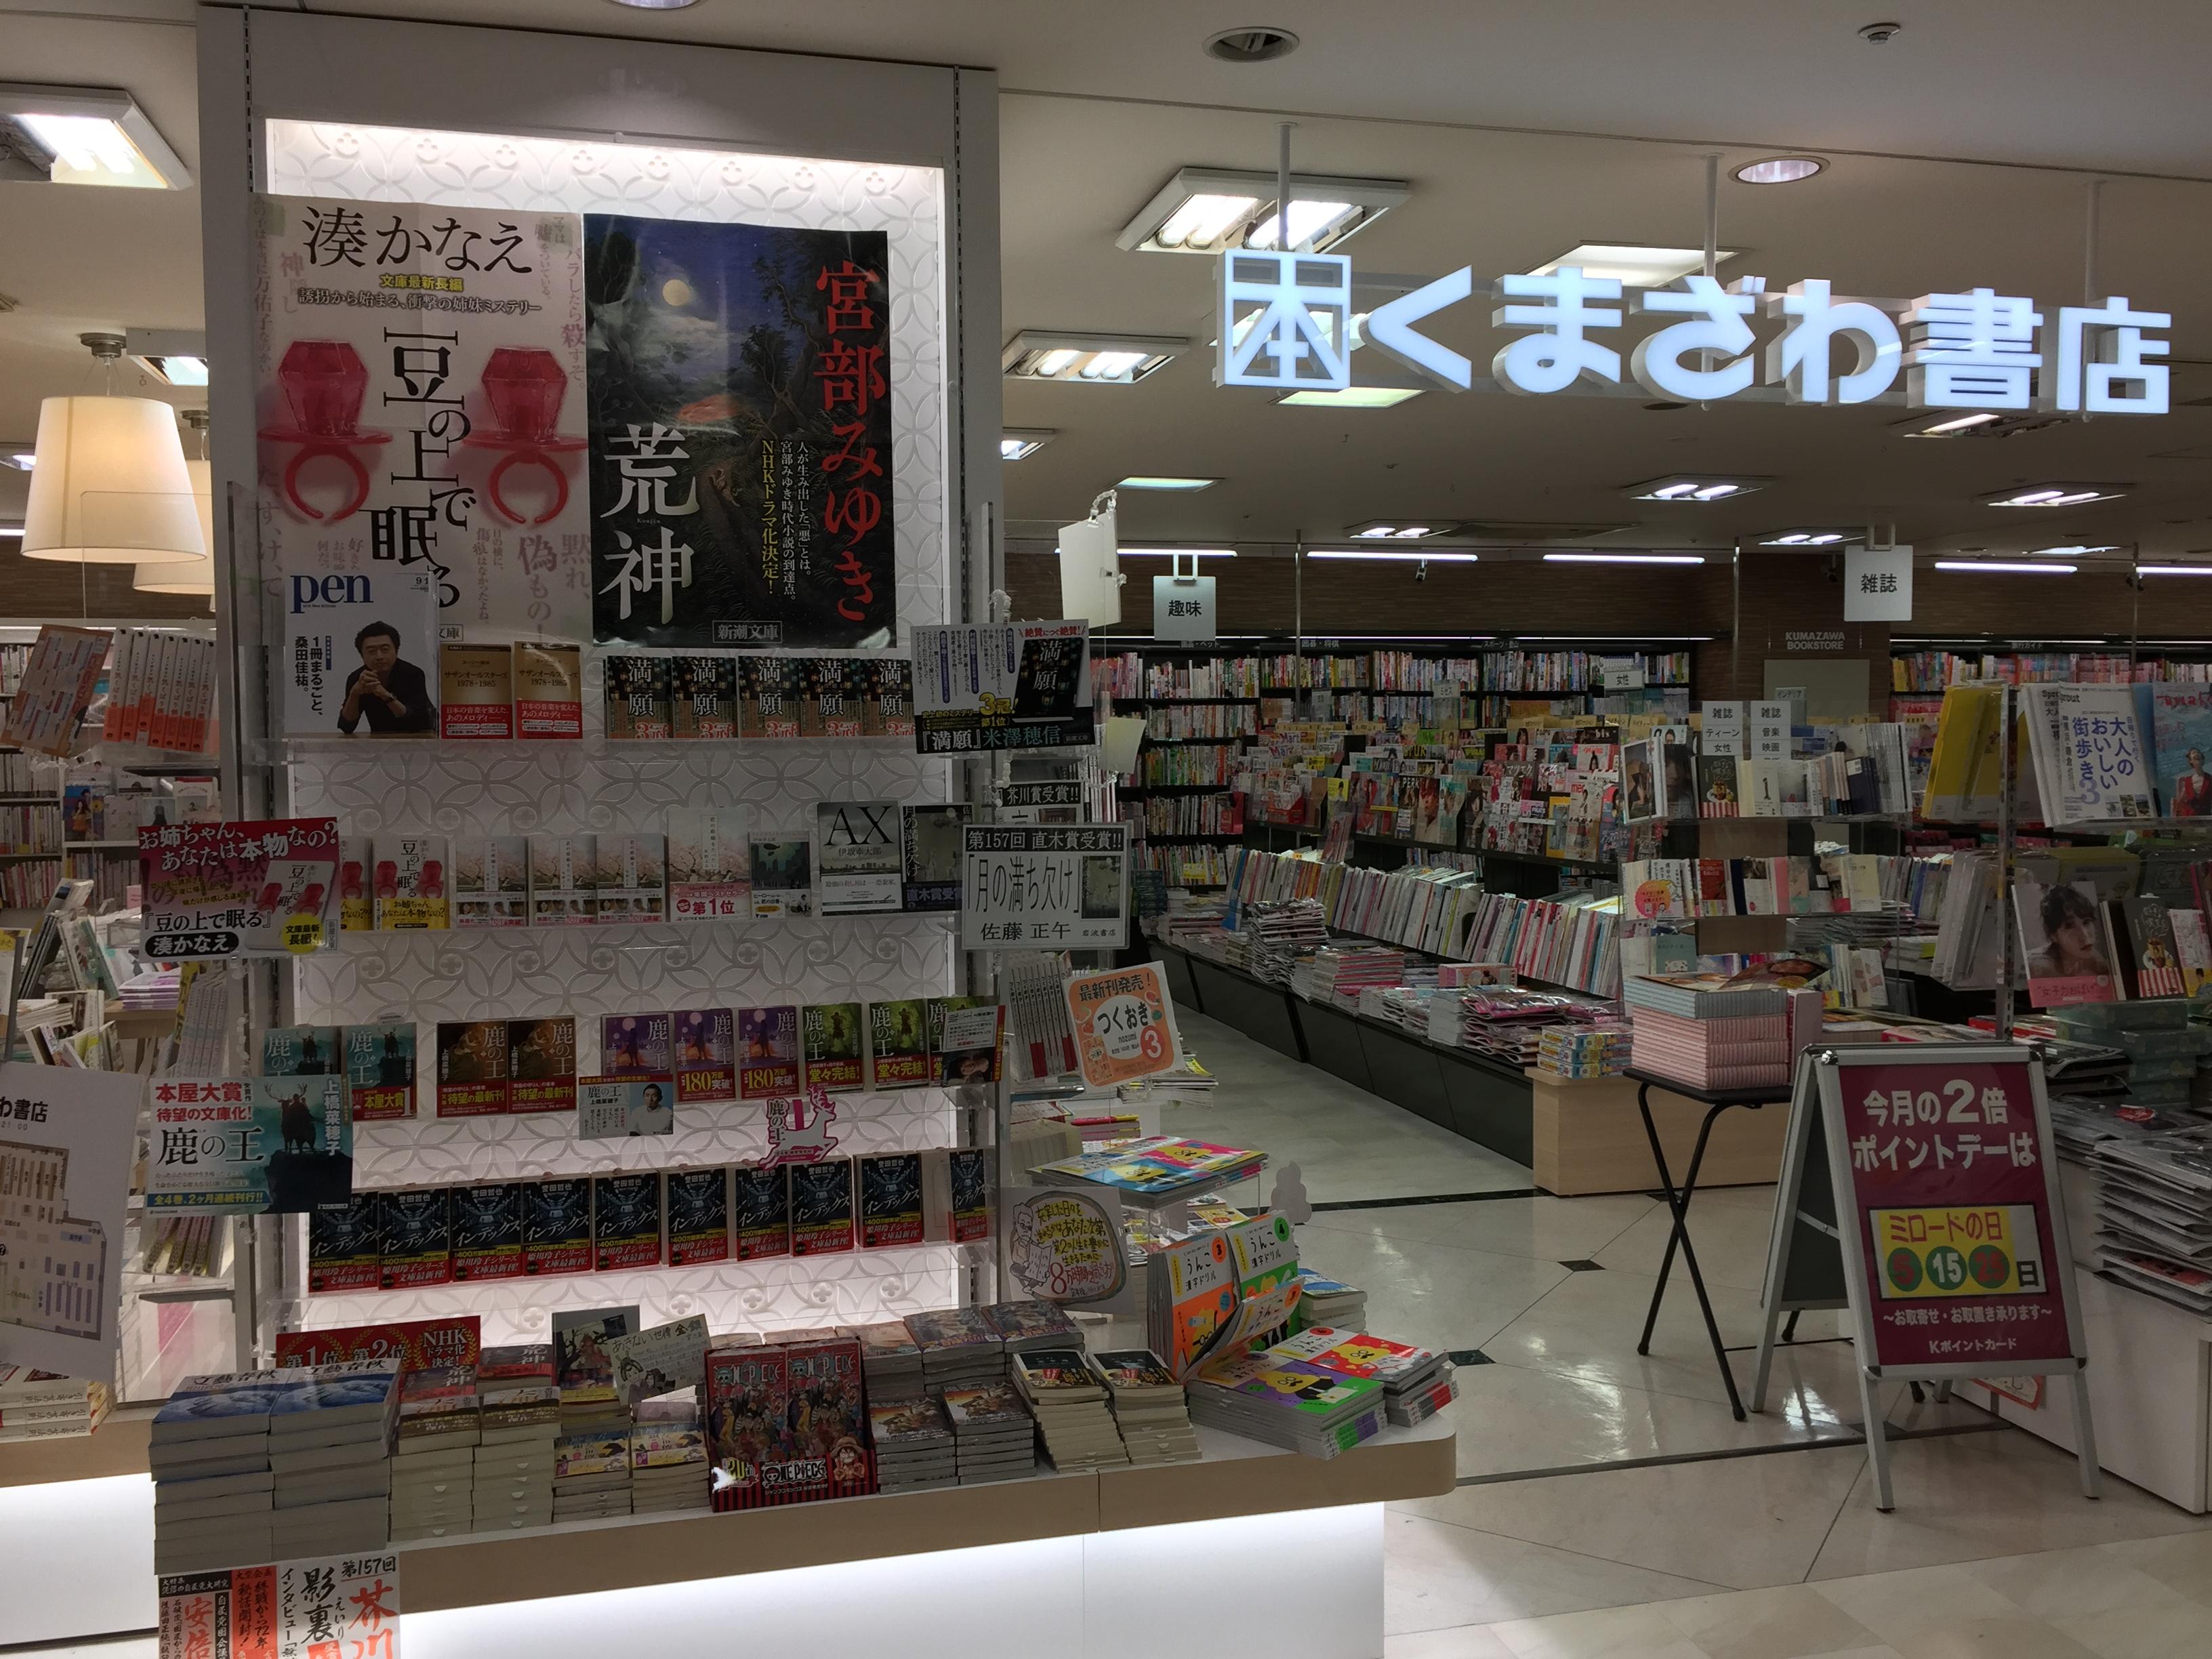 くまざわ書店 | 本厚木ミロード